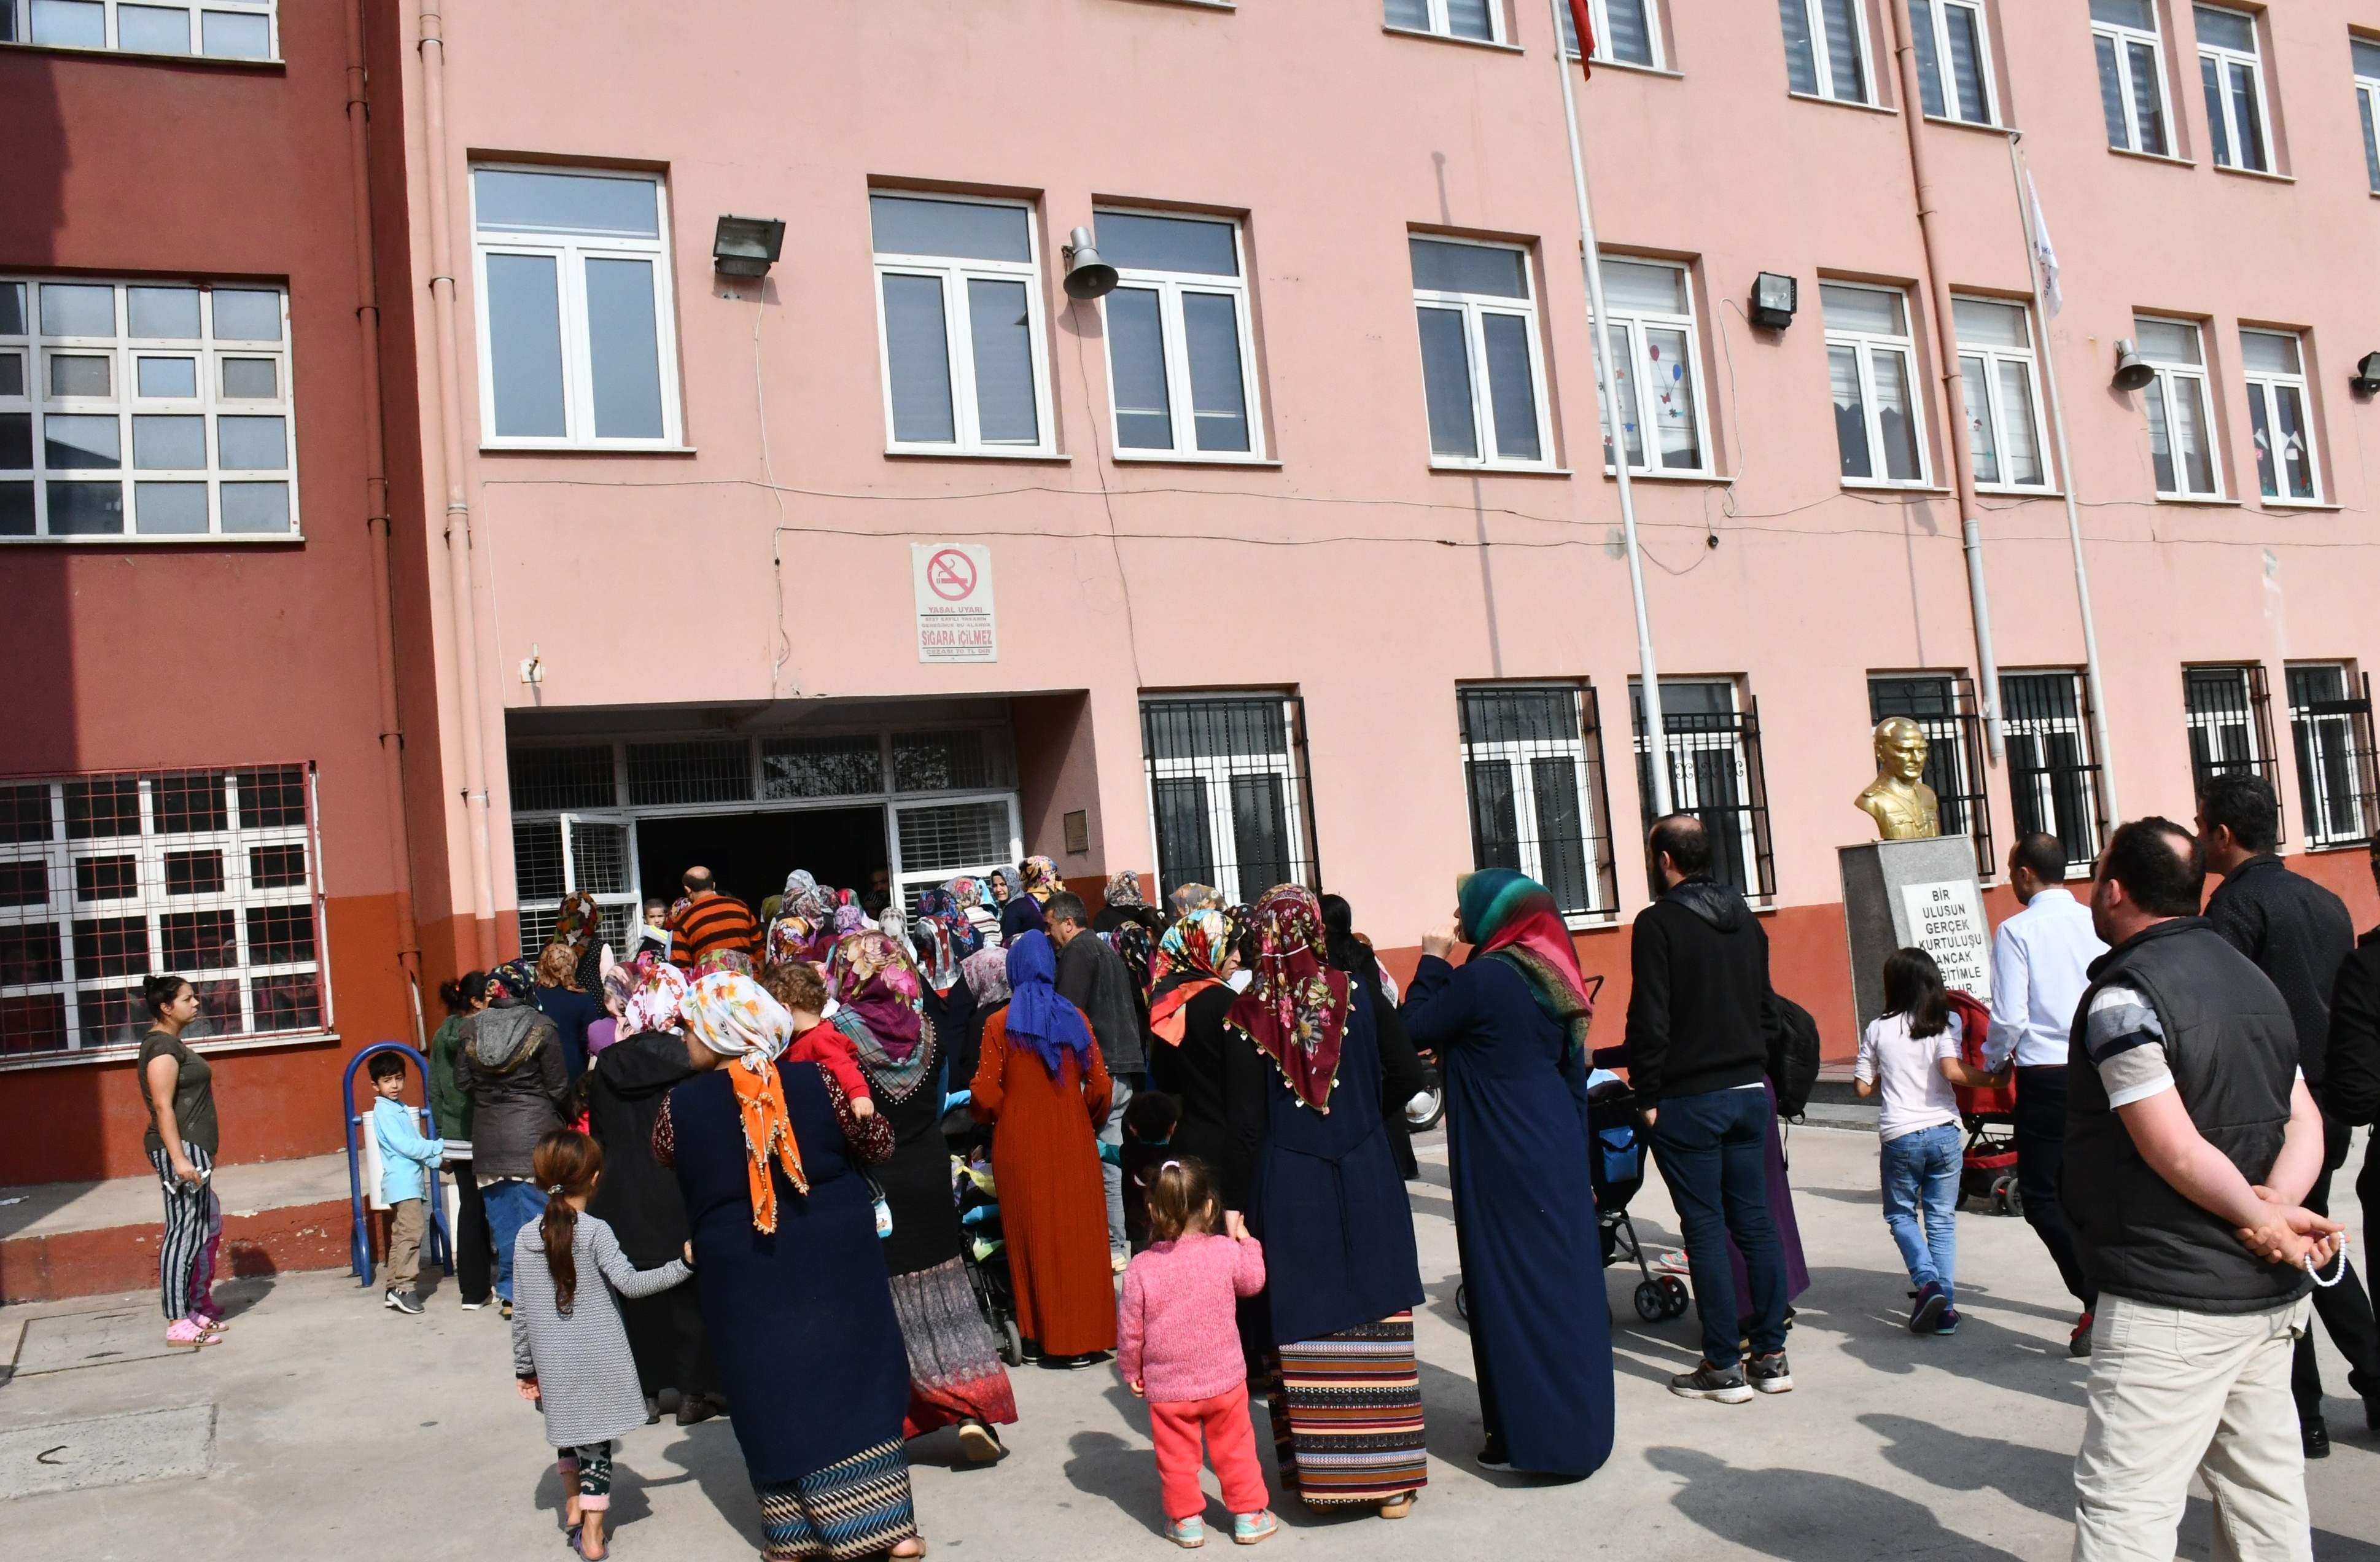 Depremde hasar gören okul boşaltıldı, veliler eylem yaptı